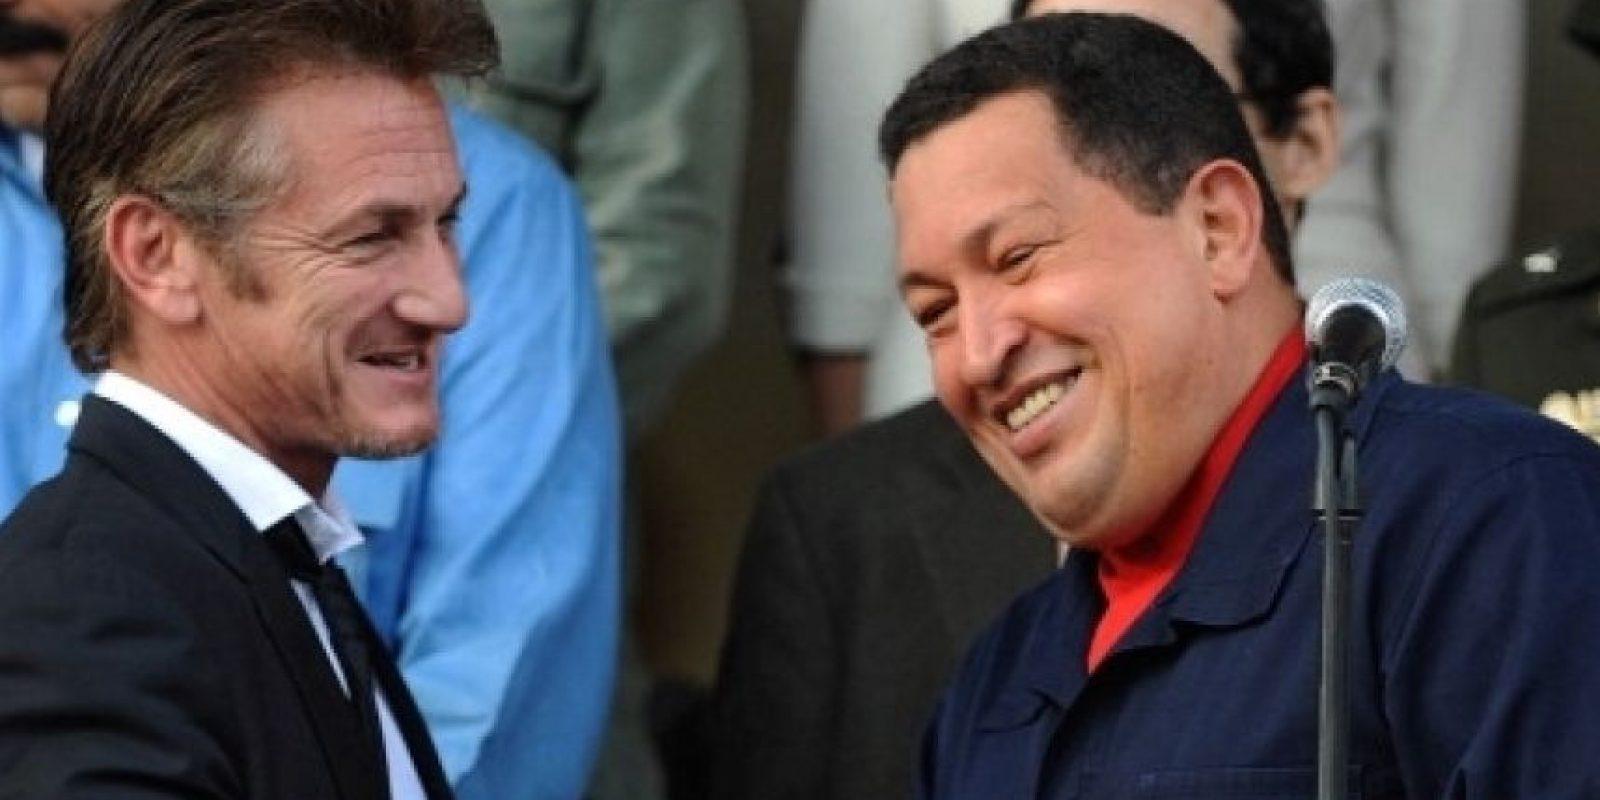 """""""Esperaba encontrar una gran Venezuela y la he encontrado. He venido como periodista y estoy todavía digiriendo las cosas que he visto y aprendido en este viaje"""", declaró el actor durante su viaje. Foto:AFP"""